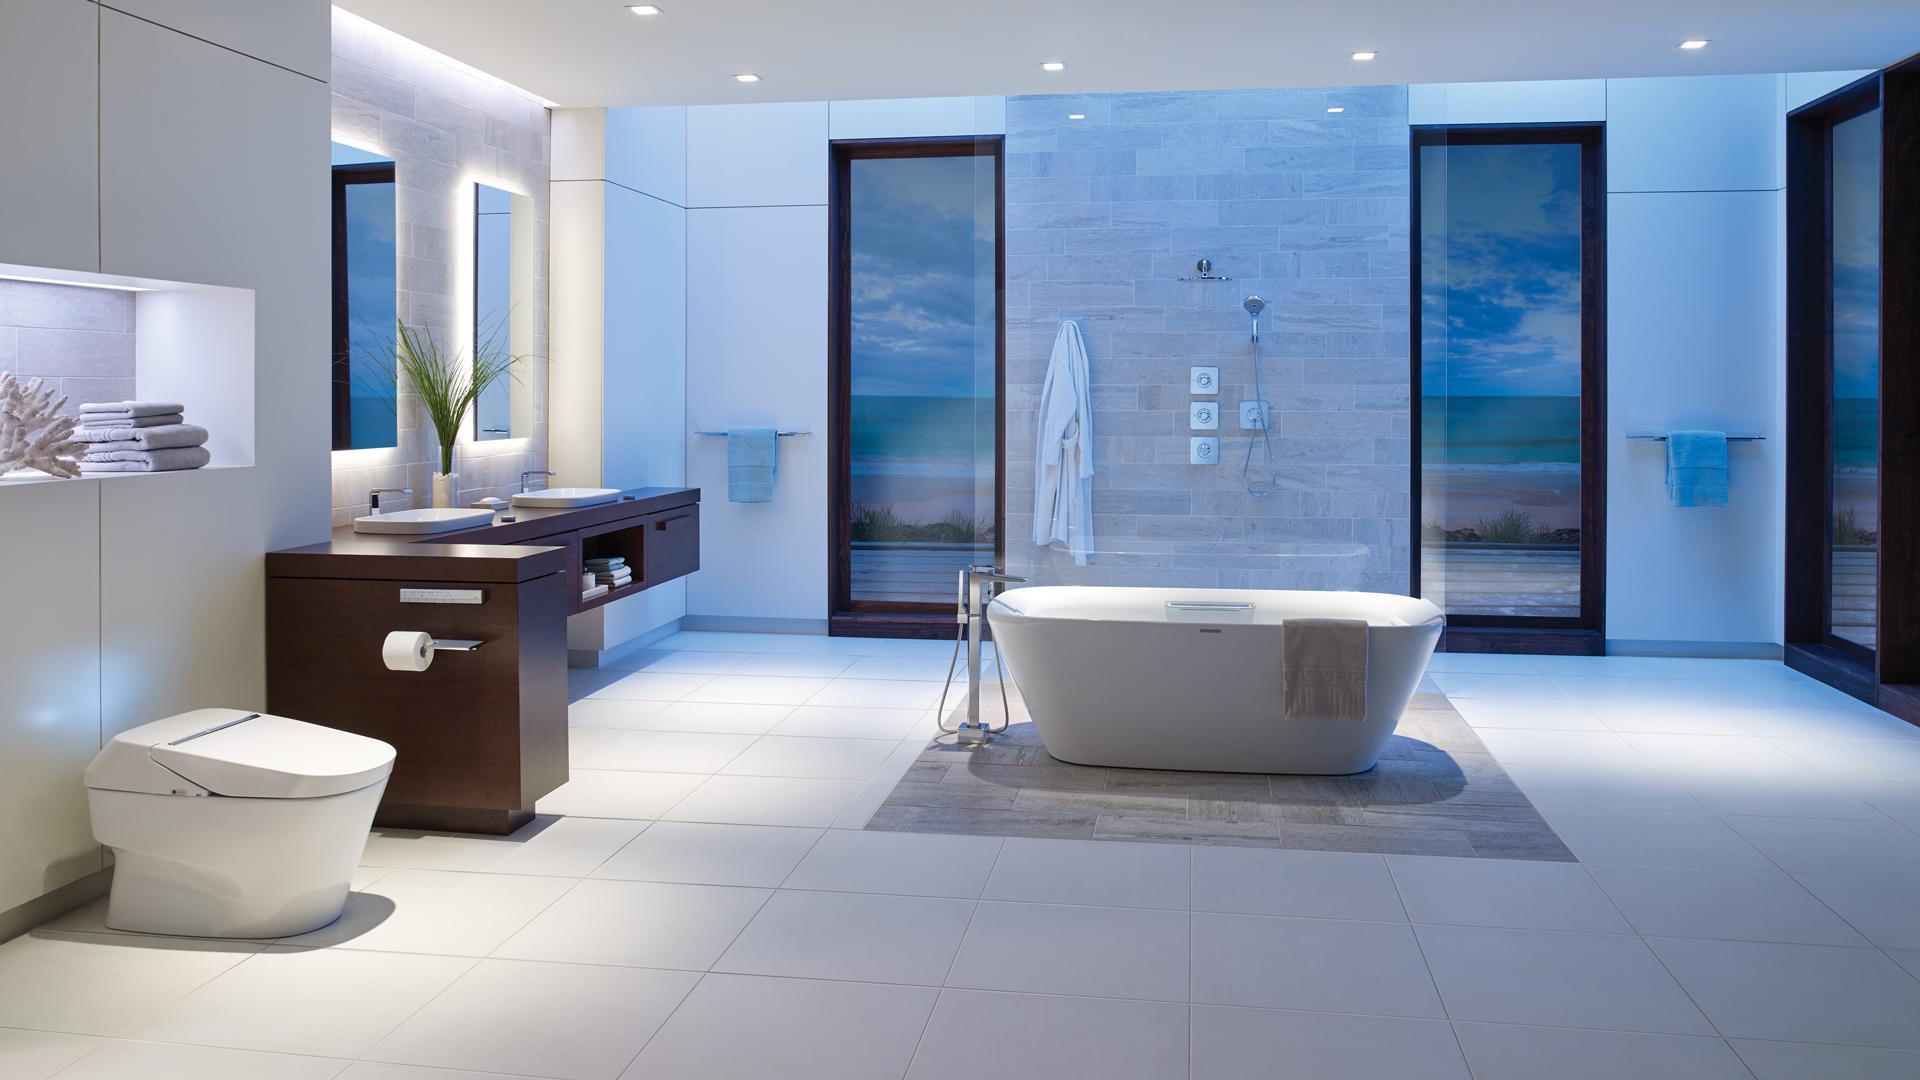 Kitchen bath best in show kbis 2017 loretta j for Toto bathroom designs